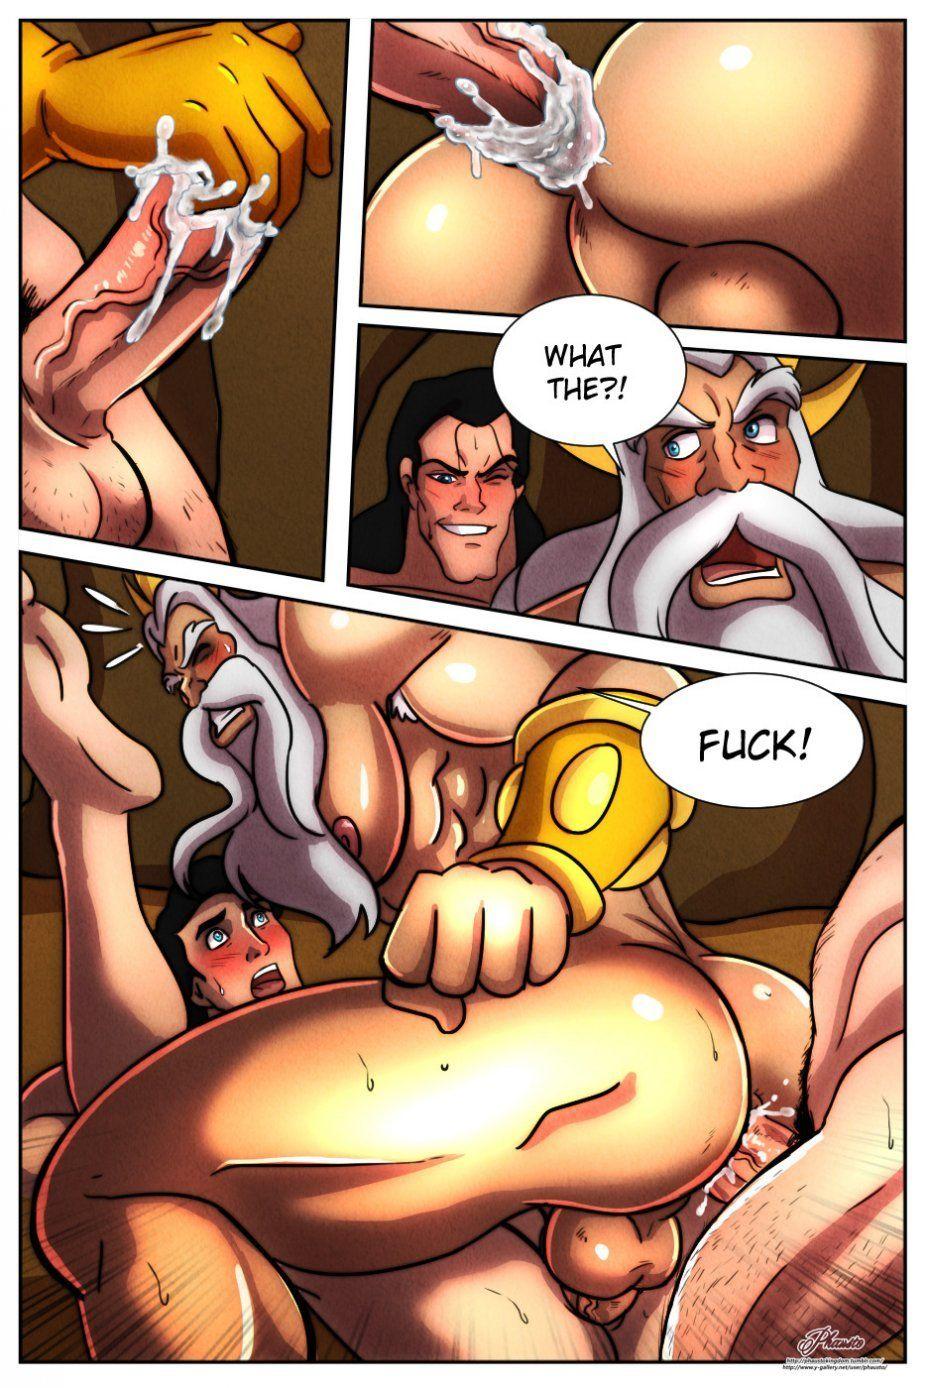 Hentaihome-Os-machos-da-Disney-pornô-gay-19